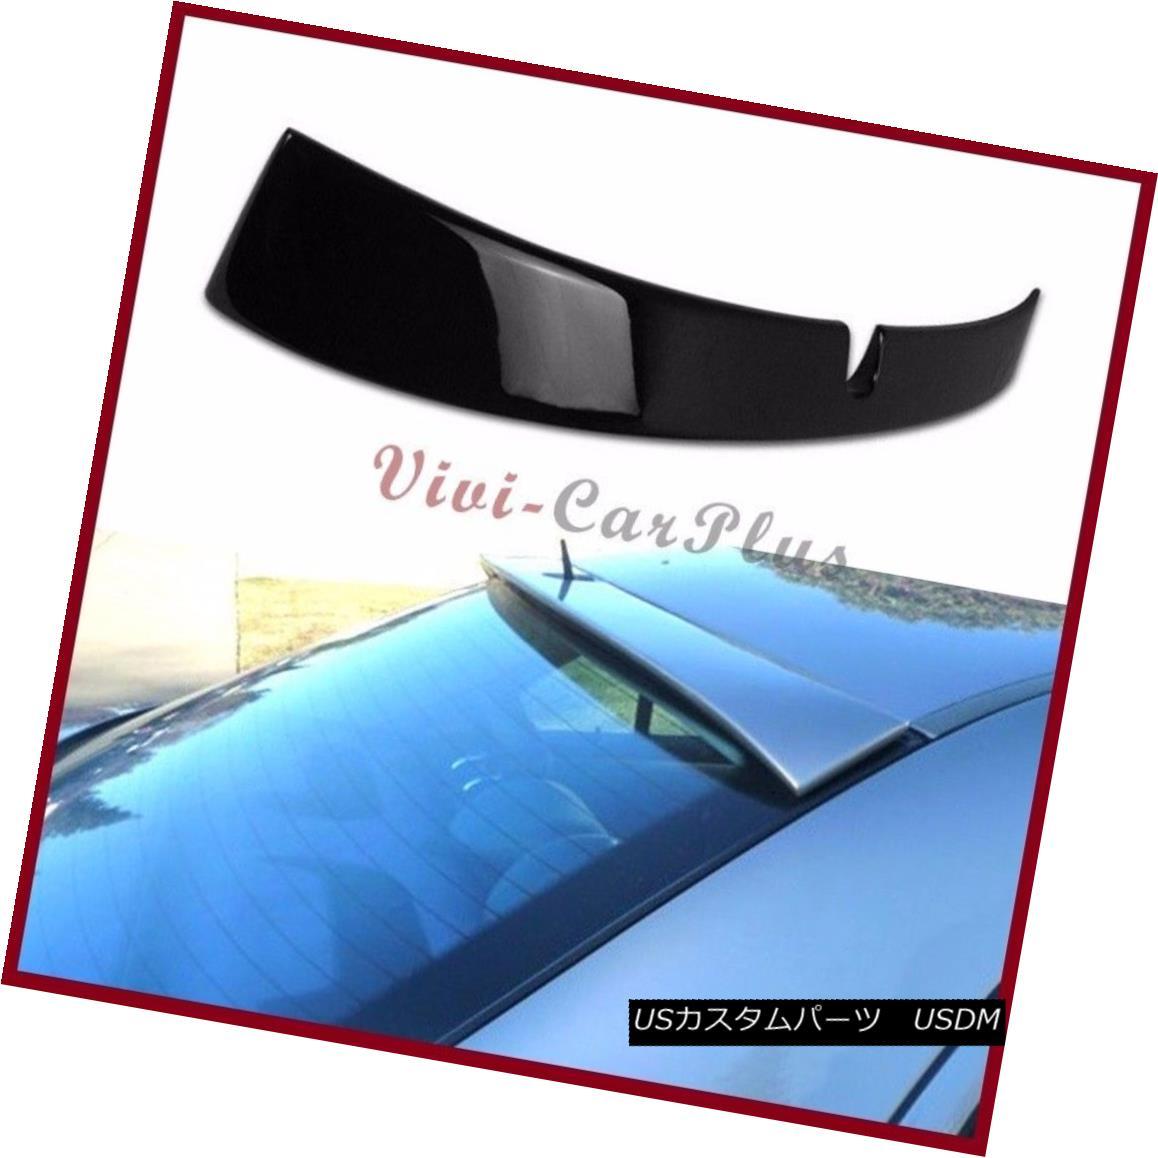 エアロパーツ Pick Color 00- 07 M-Benz W203 C230 C240 C280 C320 Sedan L Type Roof Spoiler Wing ピックカラー00- 07 M-Benz W203 C230 C240 C280 C320セダンLタイプルーフスポイラーウイング